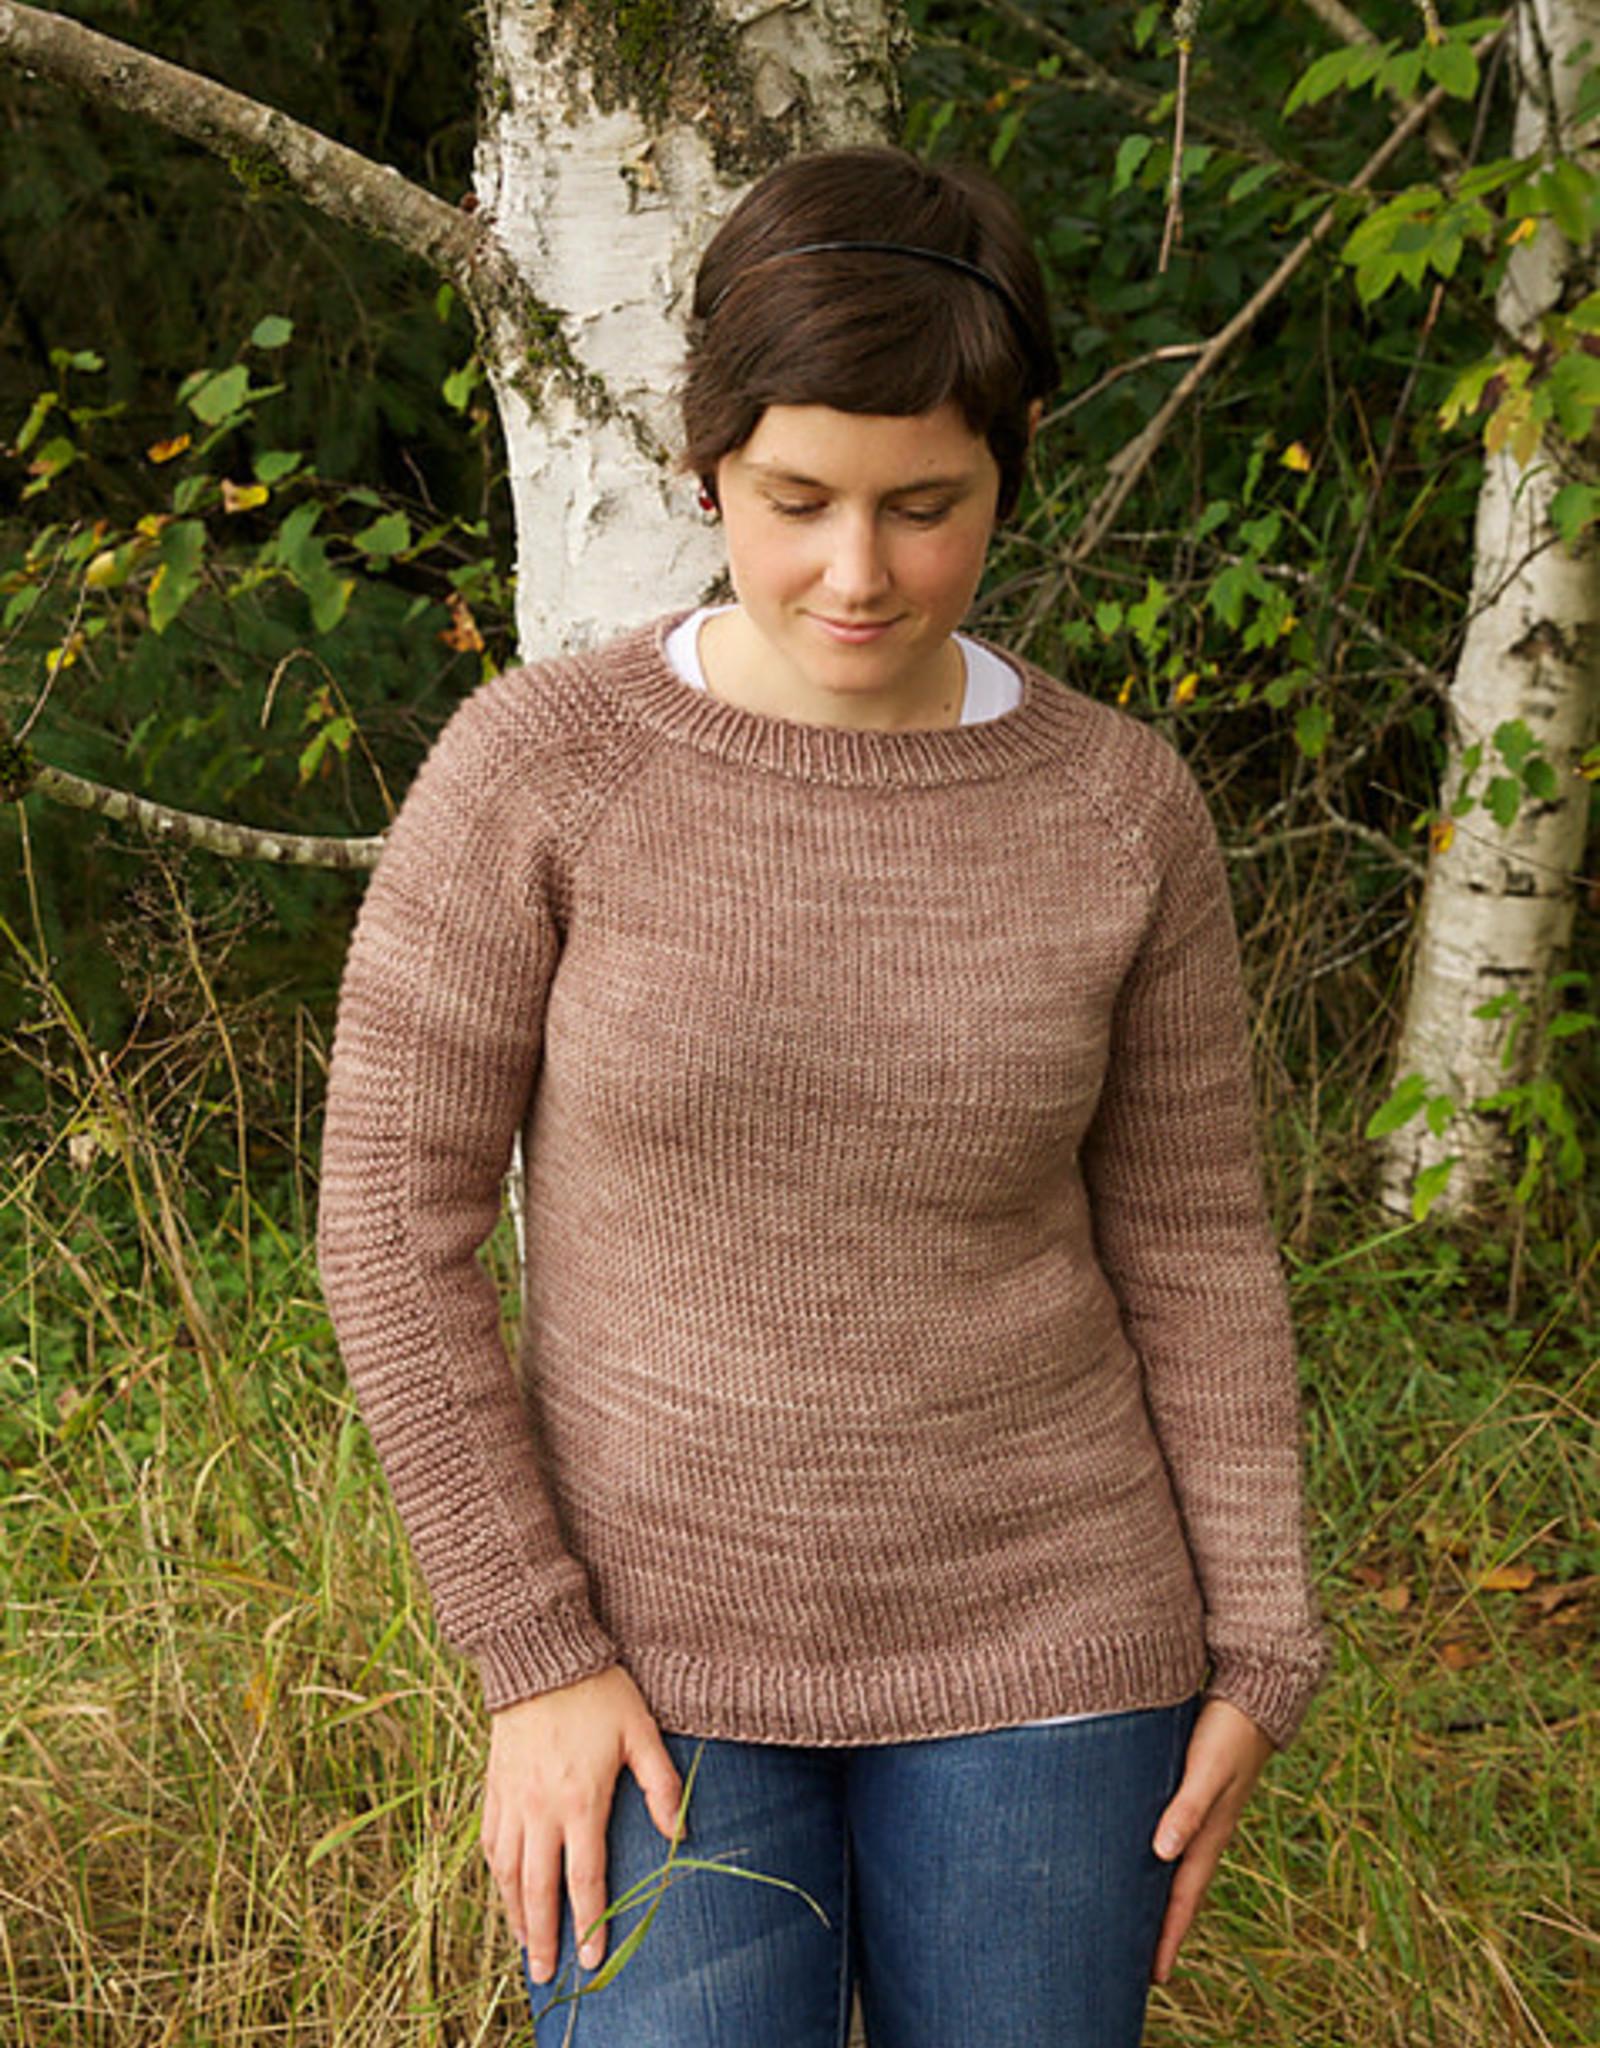 Top-Down Raglan Pullover (adult or baby): SU Oct 24, 31 & Nov 7, 2-4 pm